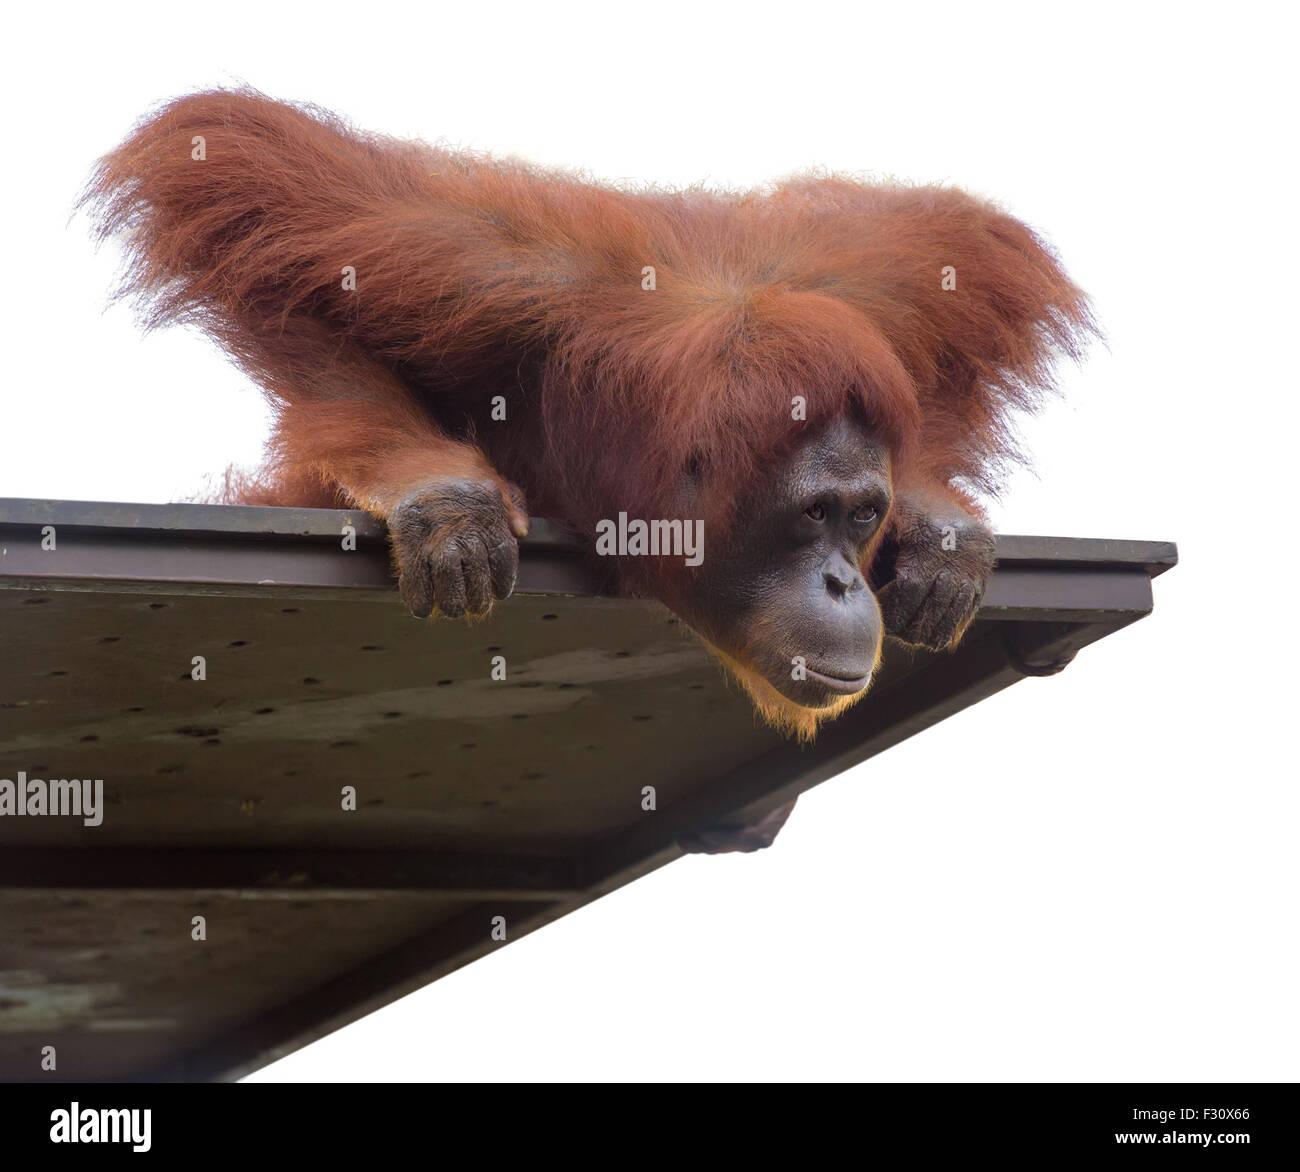 Erwachsener Orang-Utan blickte von seiner Plattform, isoliert auf weiss Stockbild